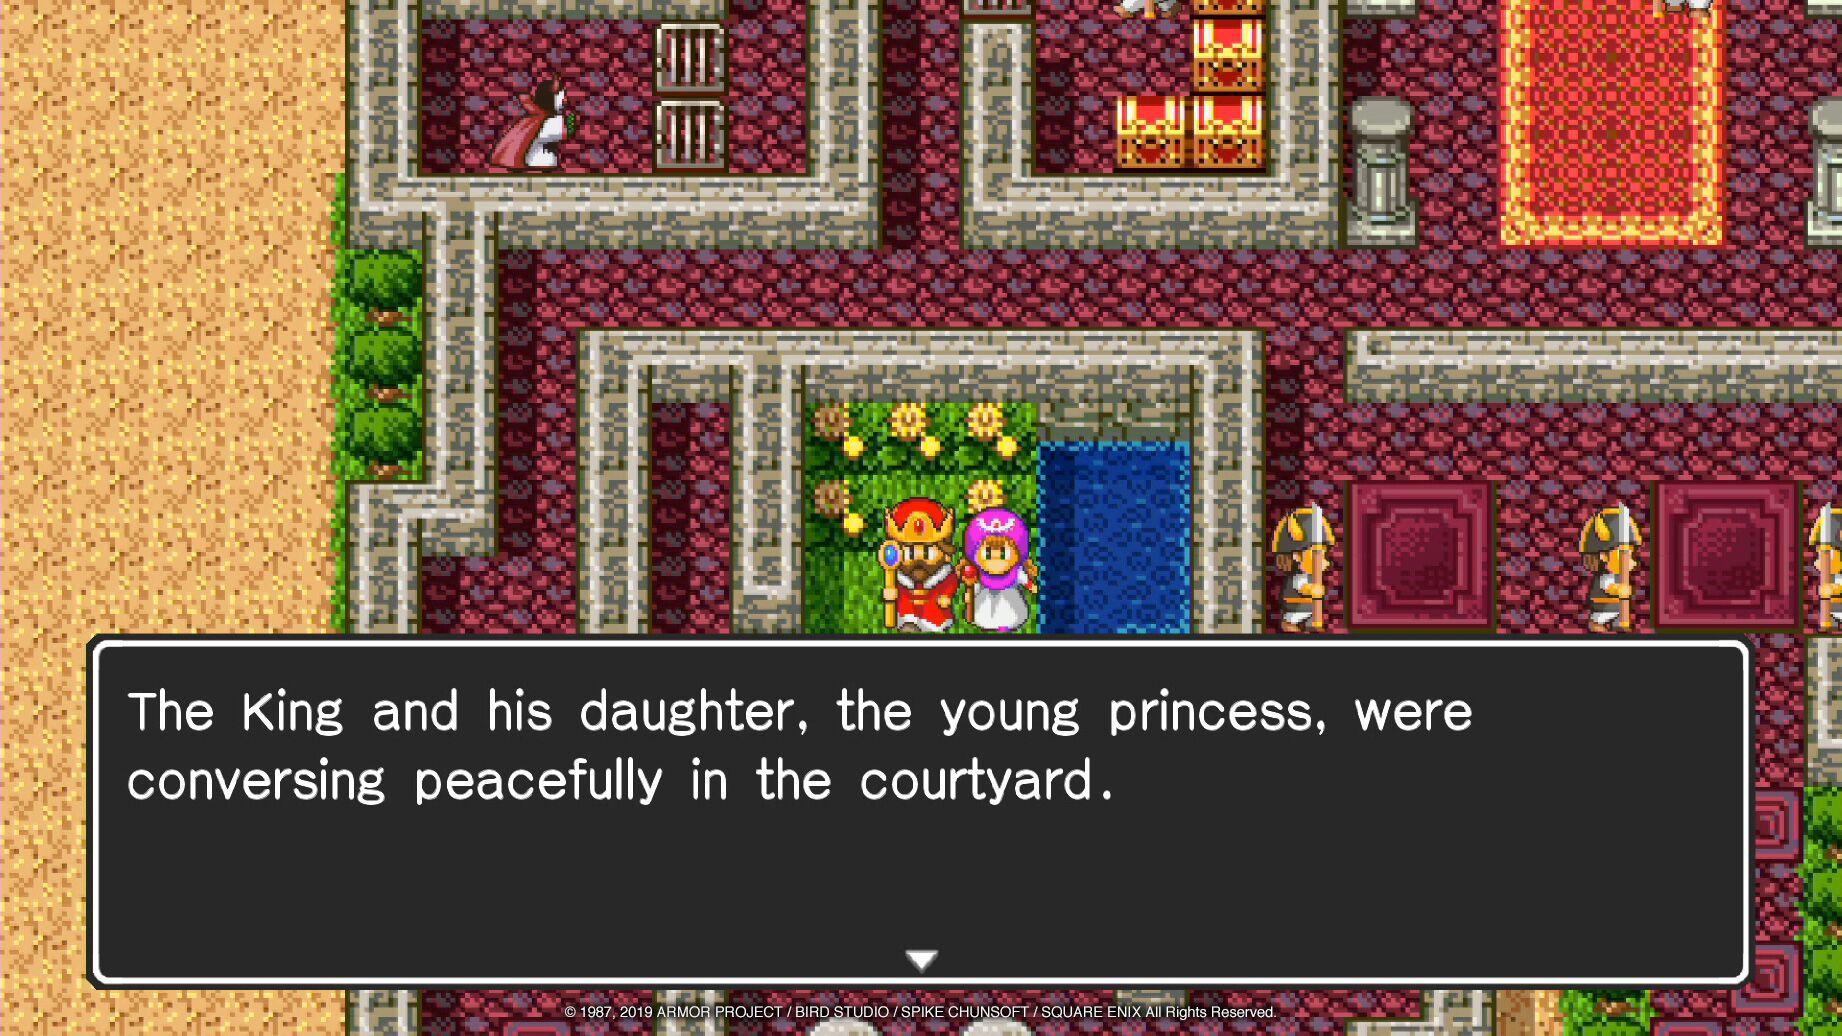 La trilogia classica di Dragon Quest disponibile su Nintendo Switch 3